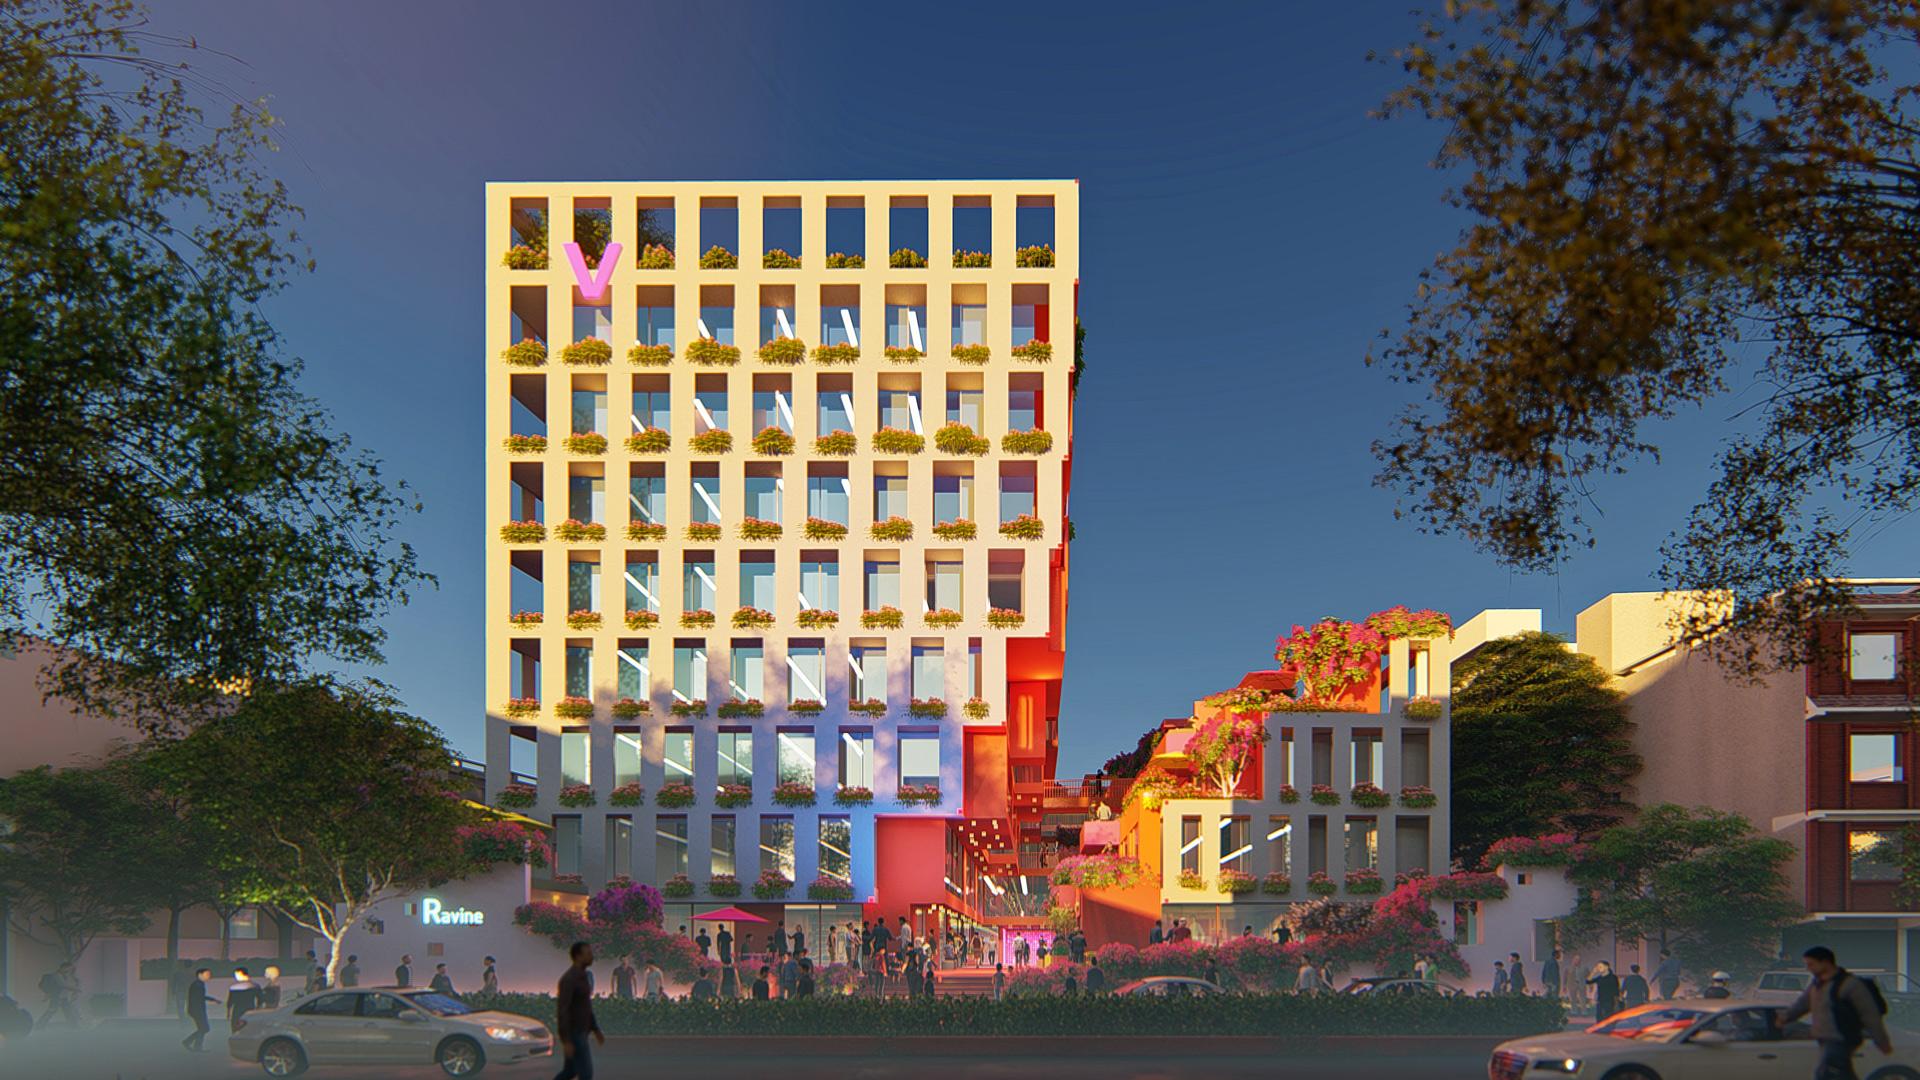 MAP_Design_Architecture_Retail_Mixed_Use_Architect_Kiran_Mathema_Shopping_arcade_Louver_facade_Street_Dusk